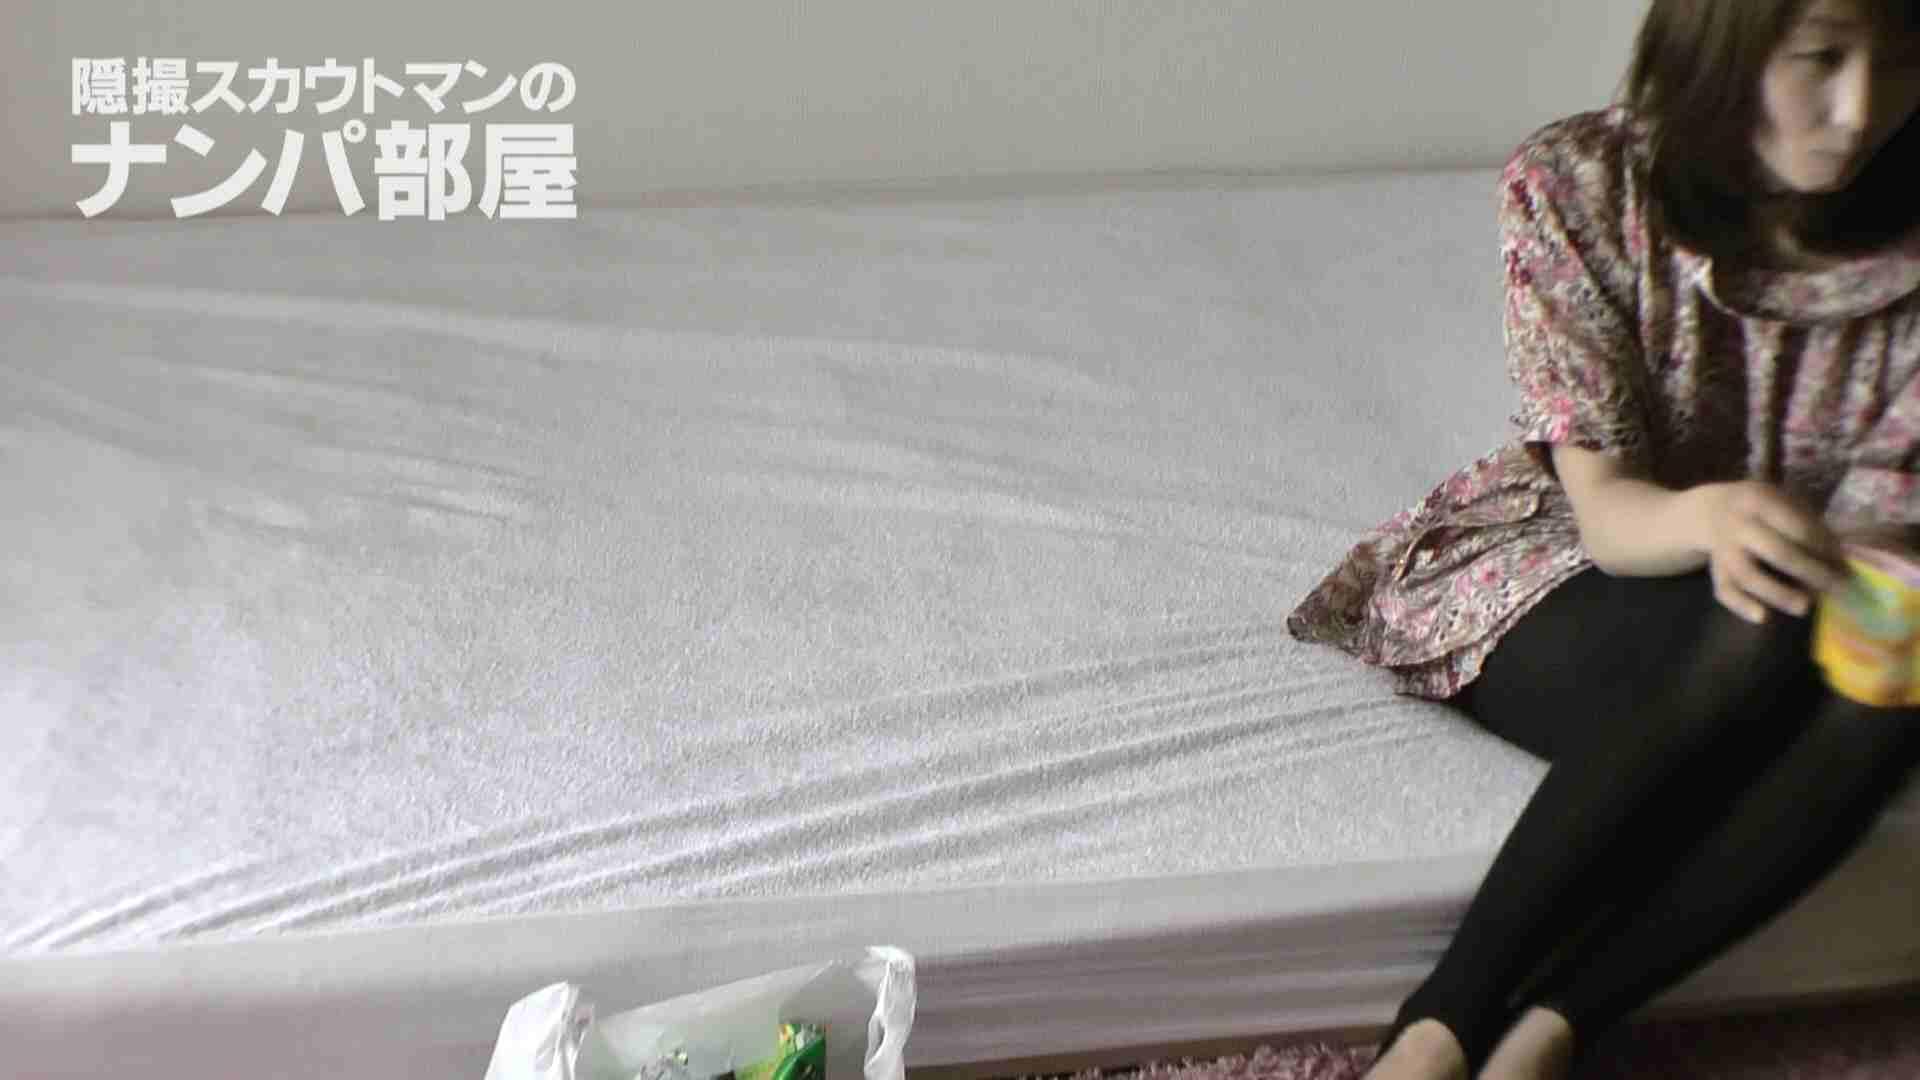 隠撮スカウトマンのナンパ部屋~風俗デビュー前のつまみ食い~ sii 脱衣所 | 隠撮  68画像 5